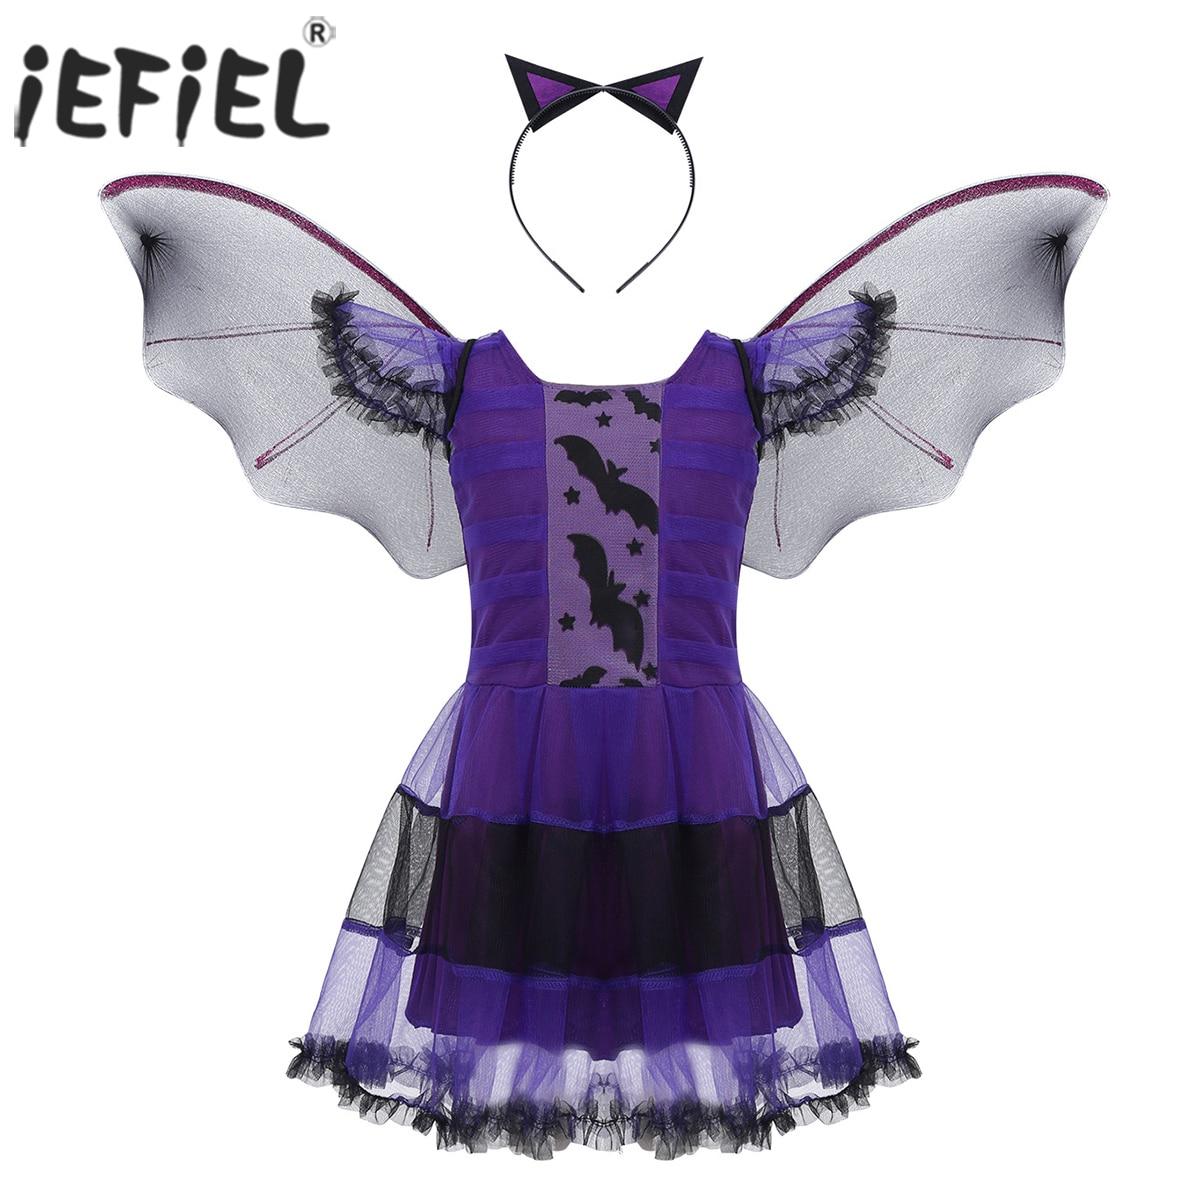 Black Bat Wing Ears On A Headband Faux Fur Bat Fancy Dress Halloween Costume